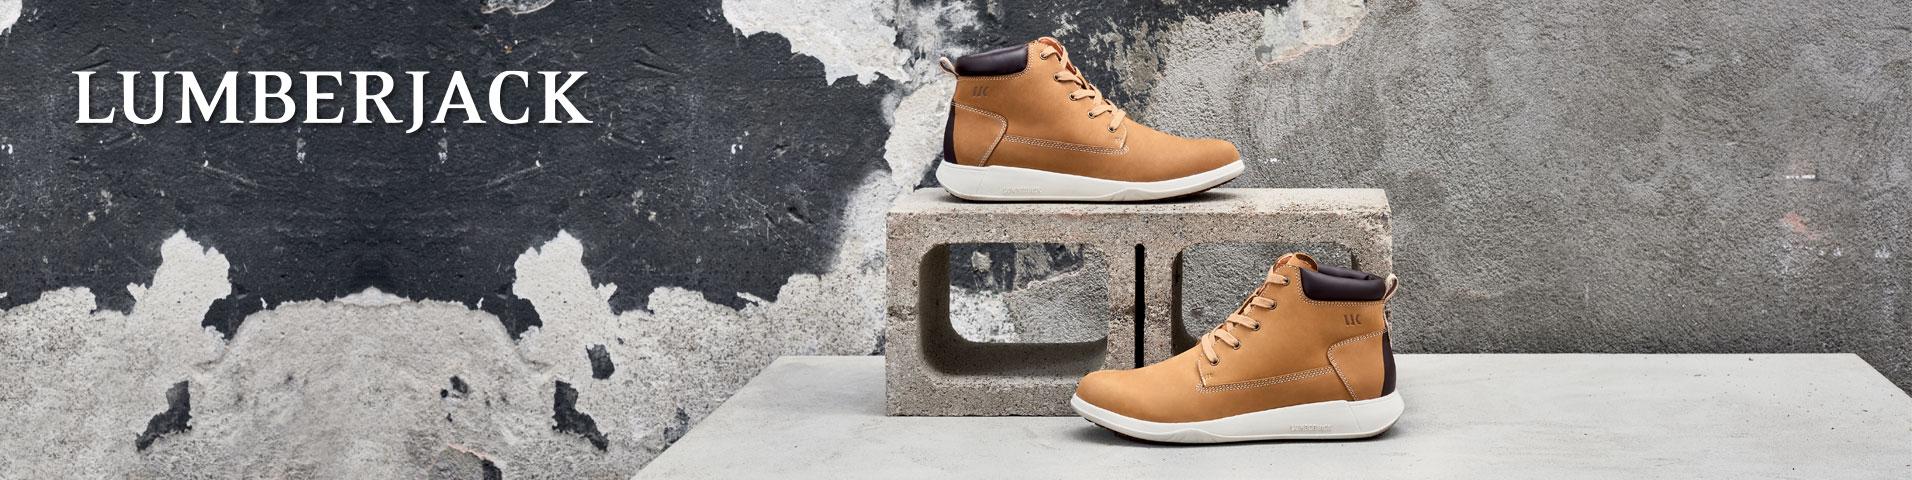 Super Chaussures Lumberjack | Nouvelle collection sur Zalando ZG99